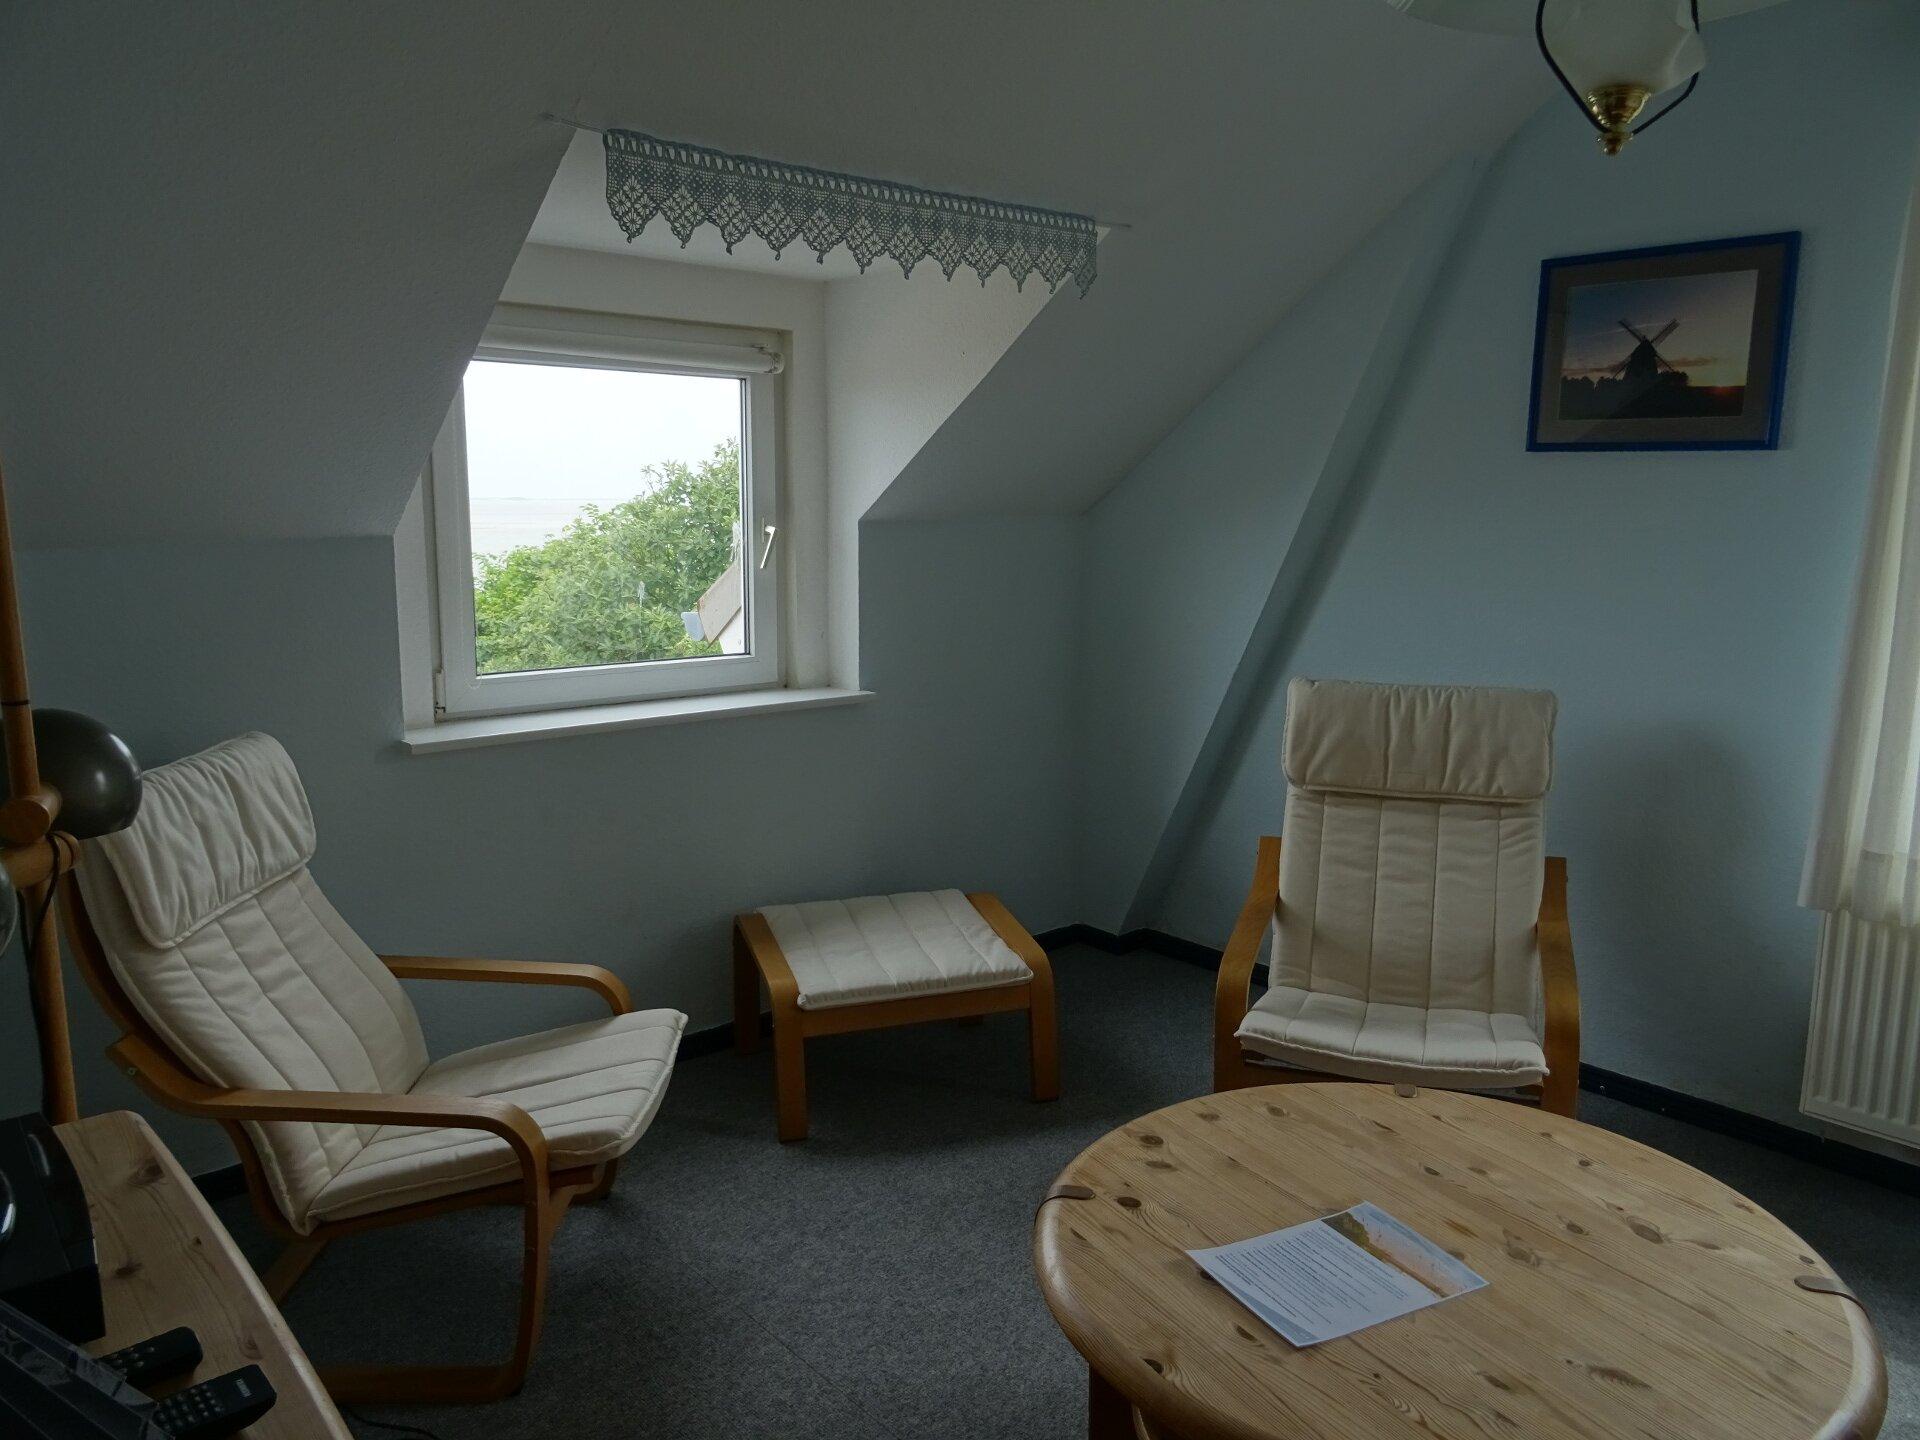 Zusatzbild Nr. 01 von Haus Sturmeck - 'Gro�e Wohnung'